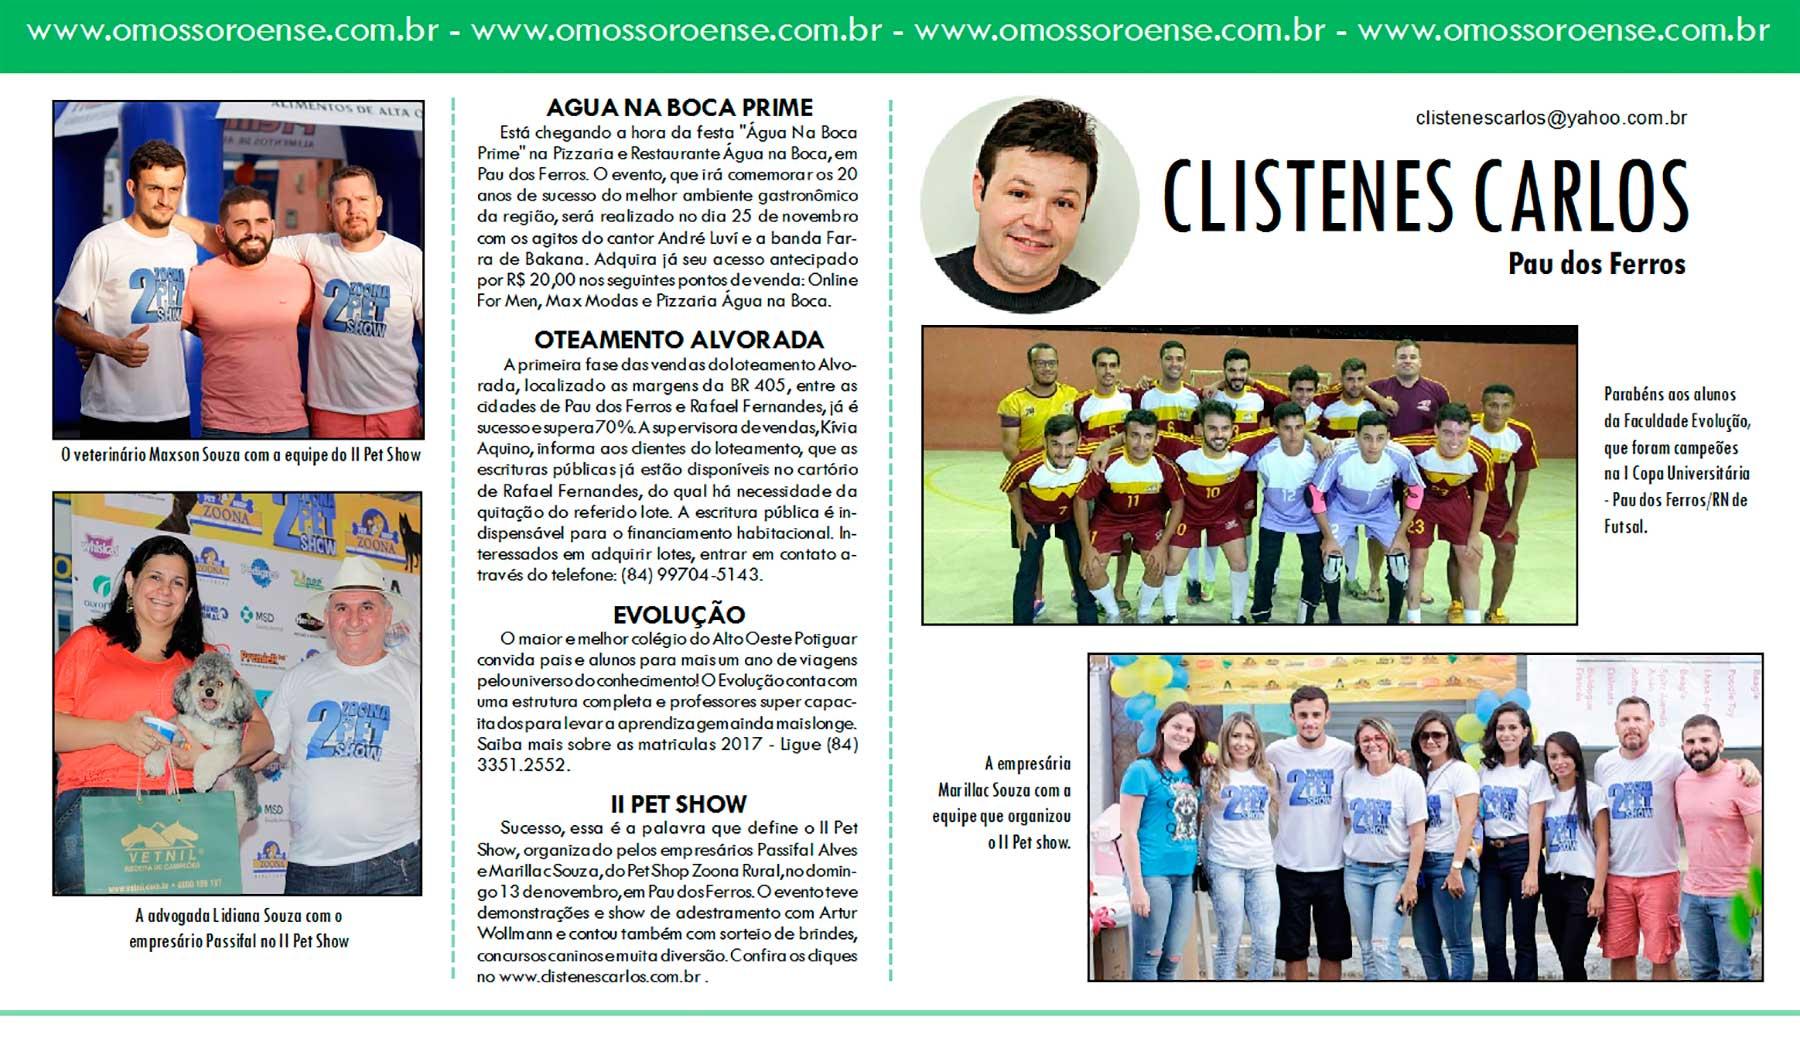 clistenes-carlos-23-11-16